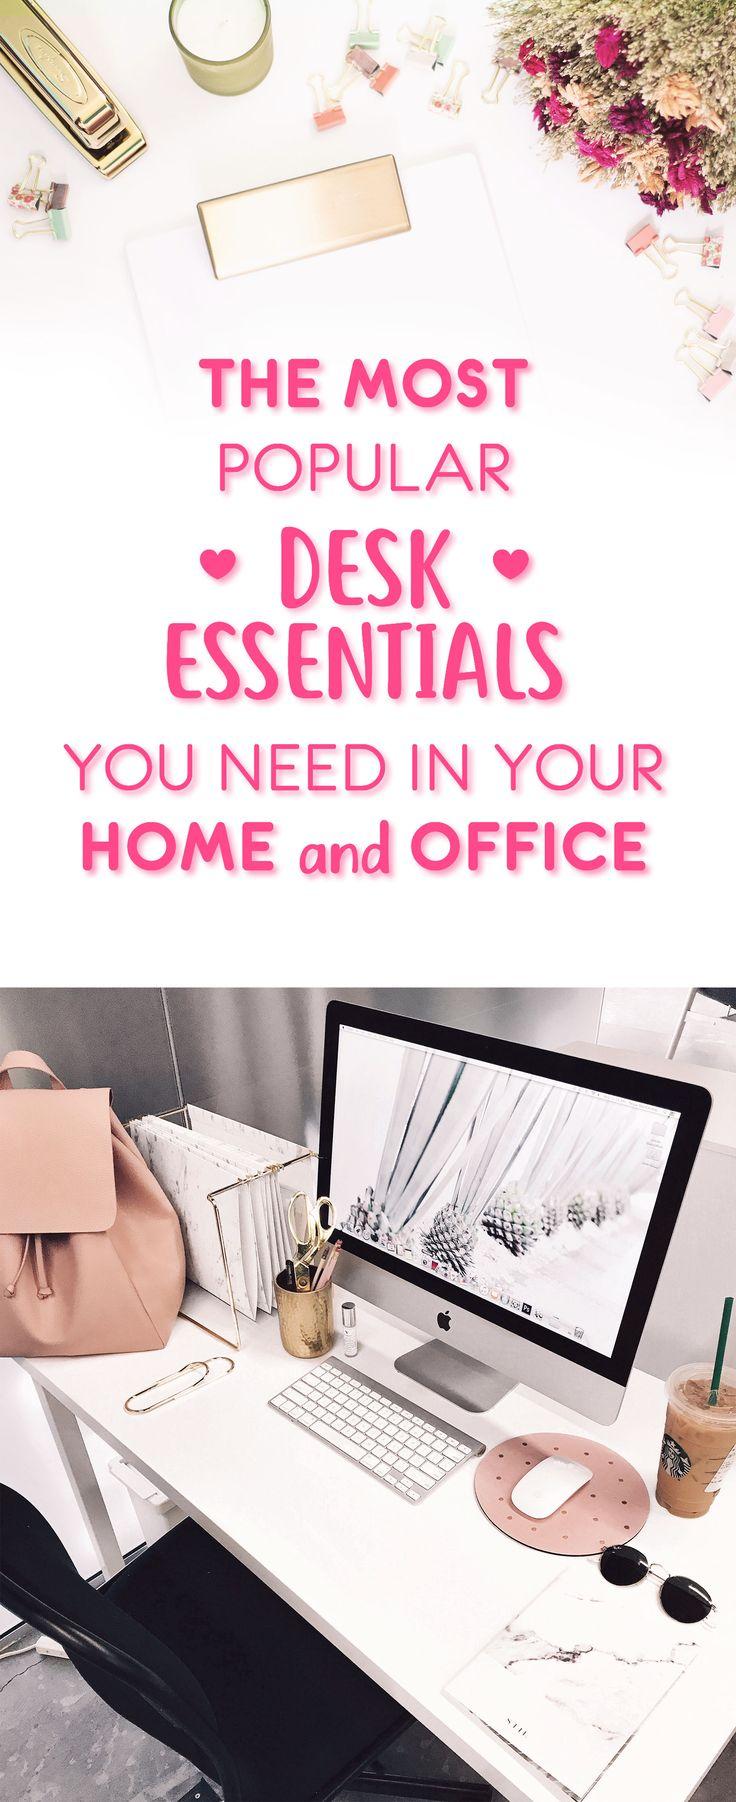 Best 25+ Desk essentials ideas on Pinterest | Desk supplies, Work ...